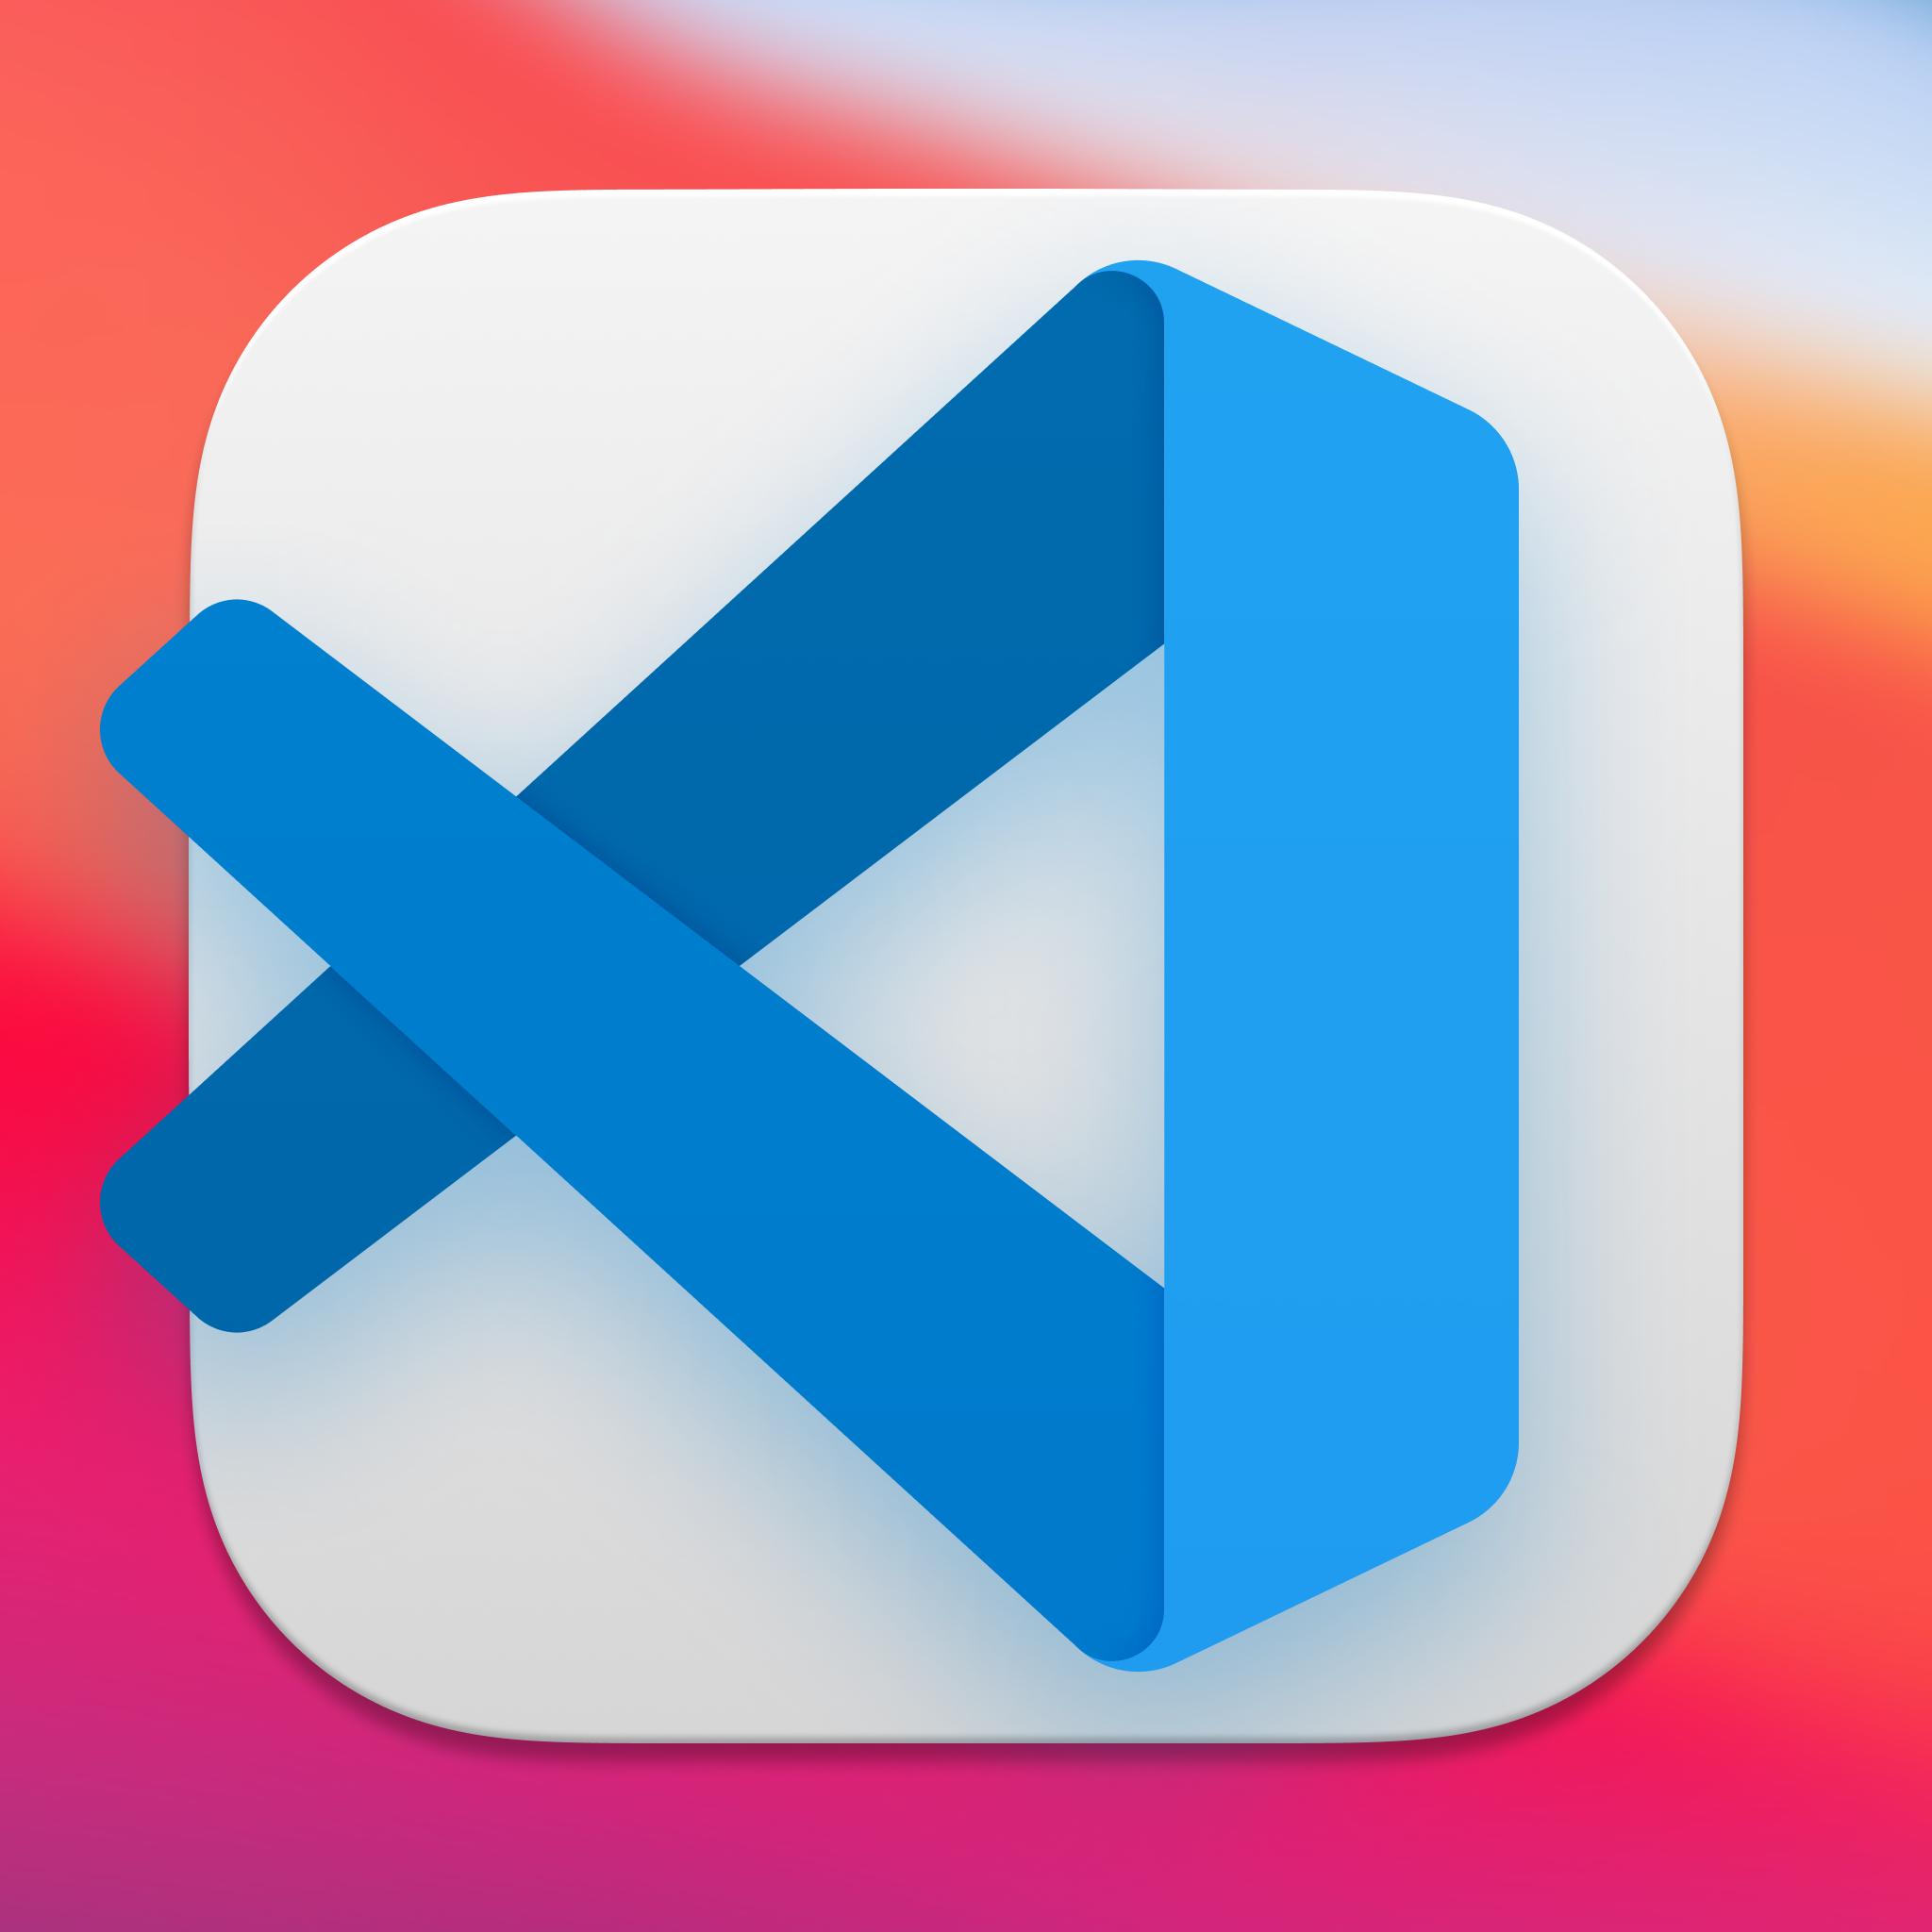 light-overhang-vscode-icon